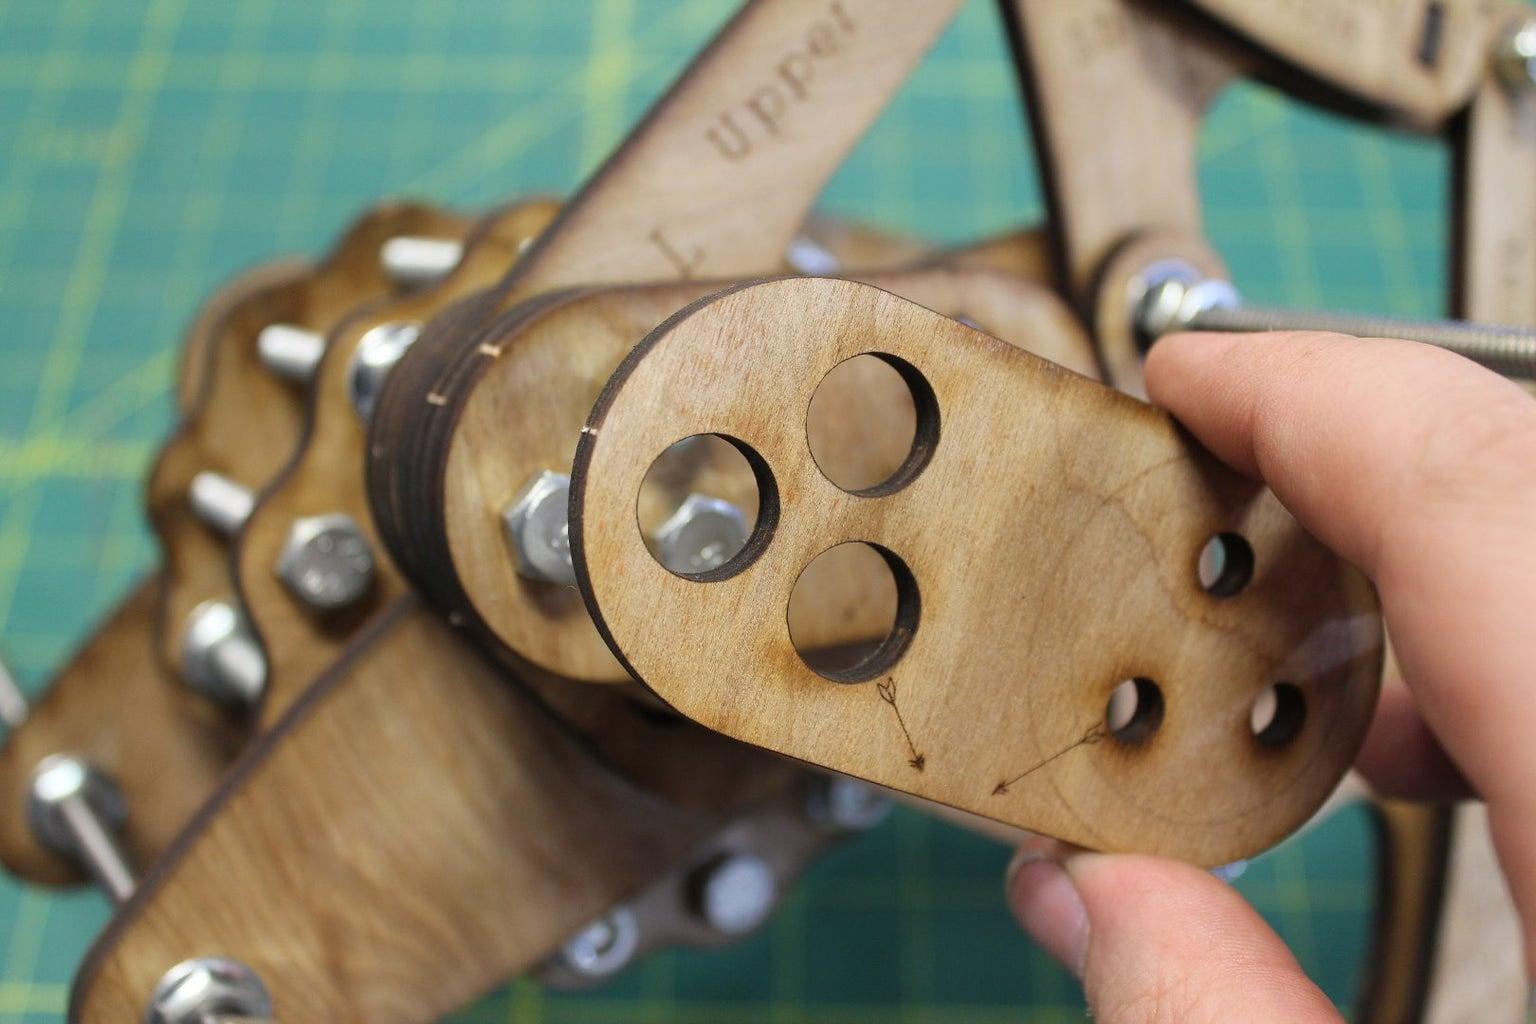 Building Out the Crankshaft